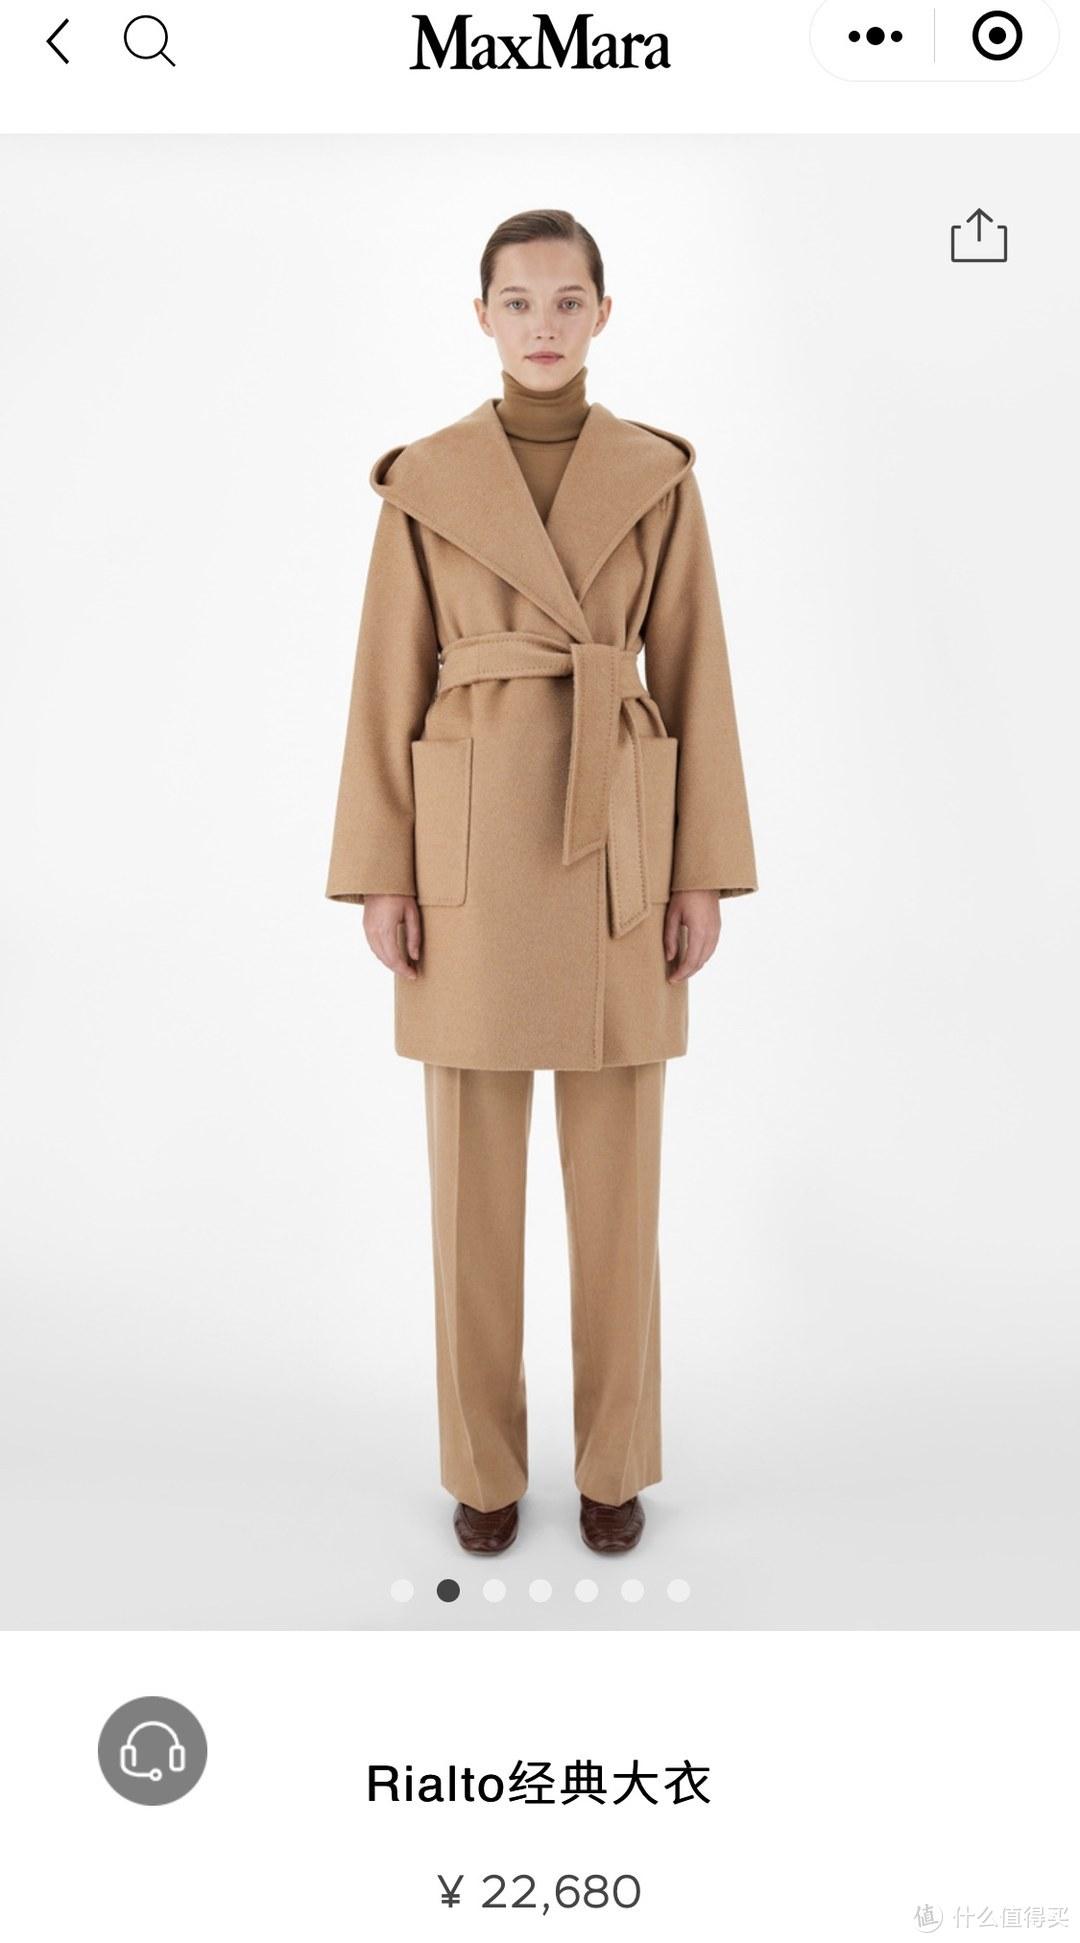 盘点姐姐们的Max Mara经典款大衣以及平替好物